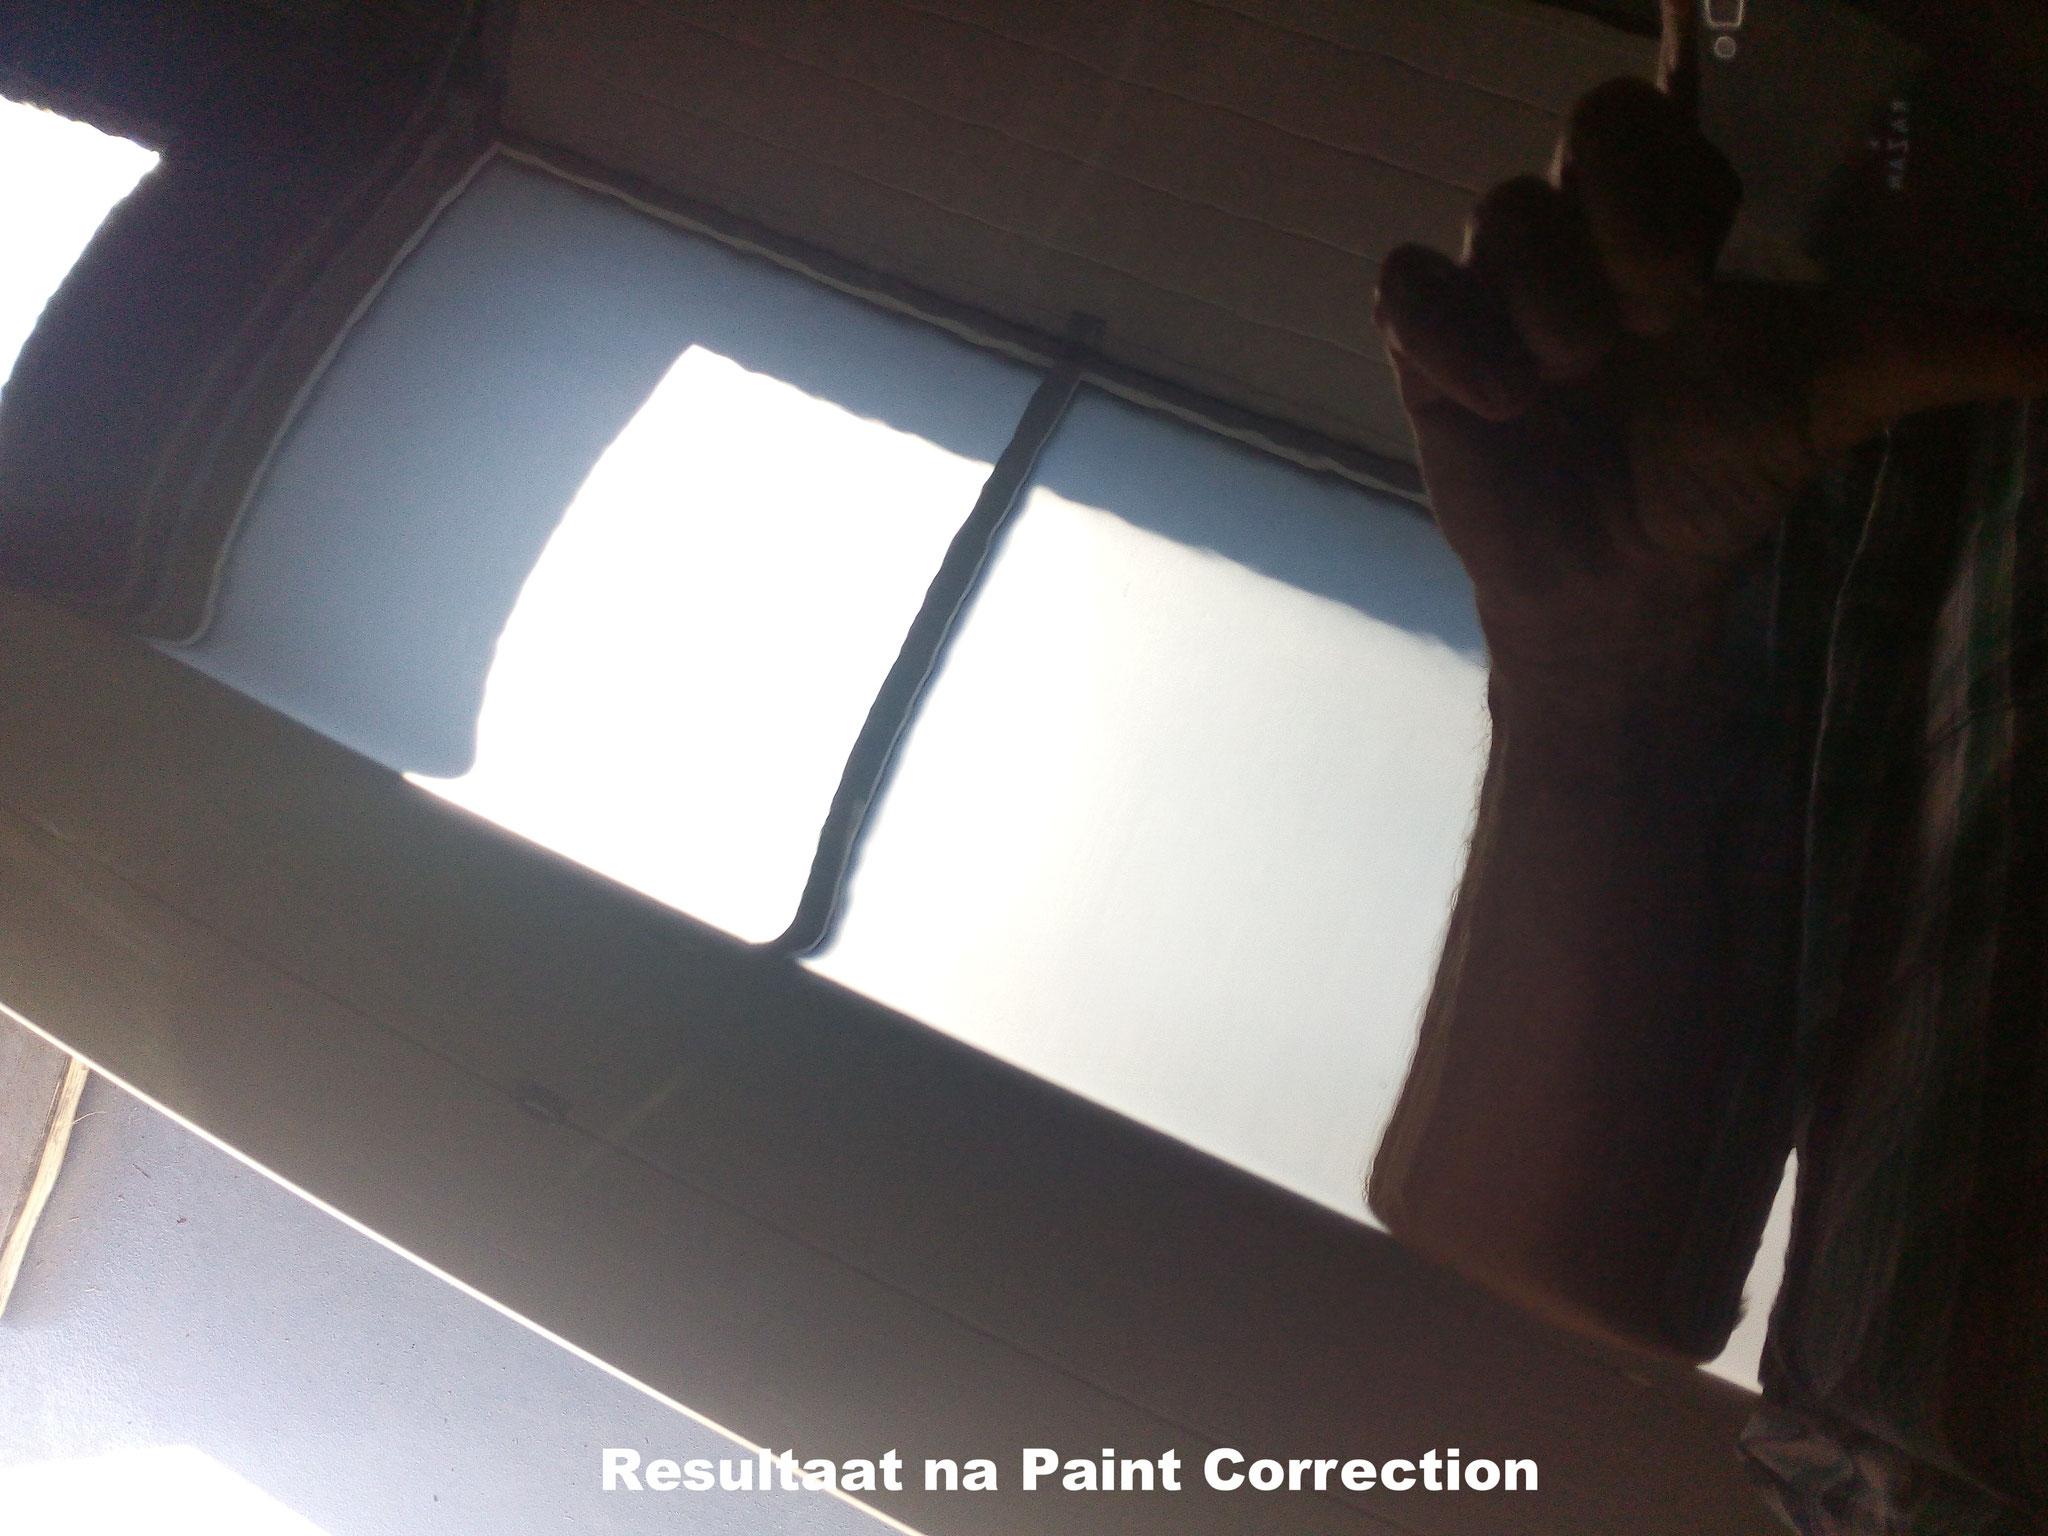 na intensief polijsten (Paint Correction) is dit het eind resultaat | A1 Car Cleaning